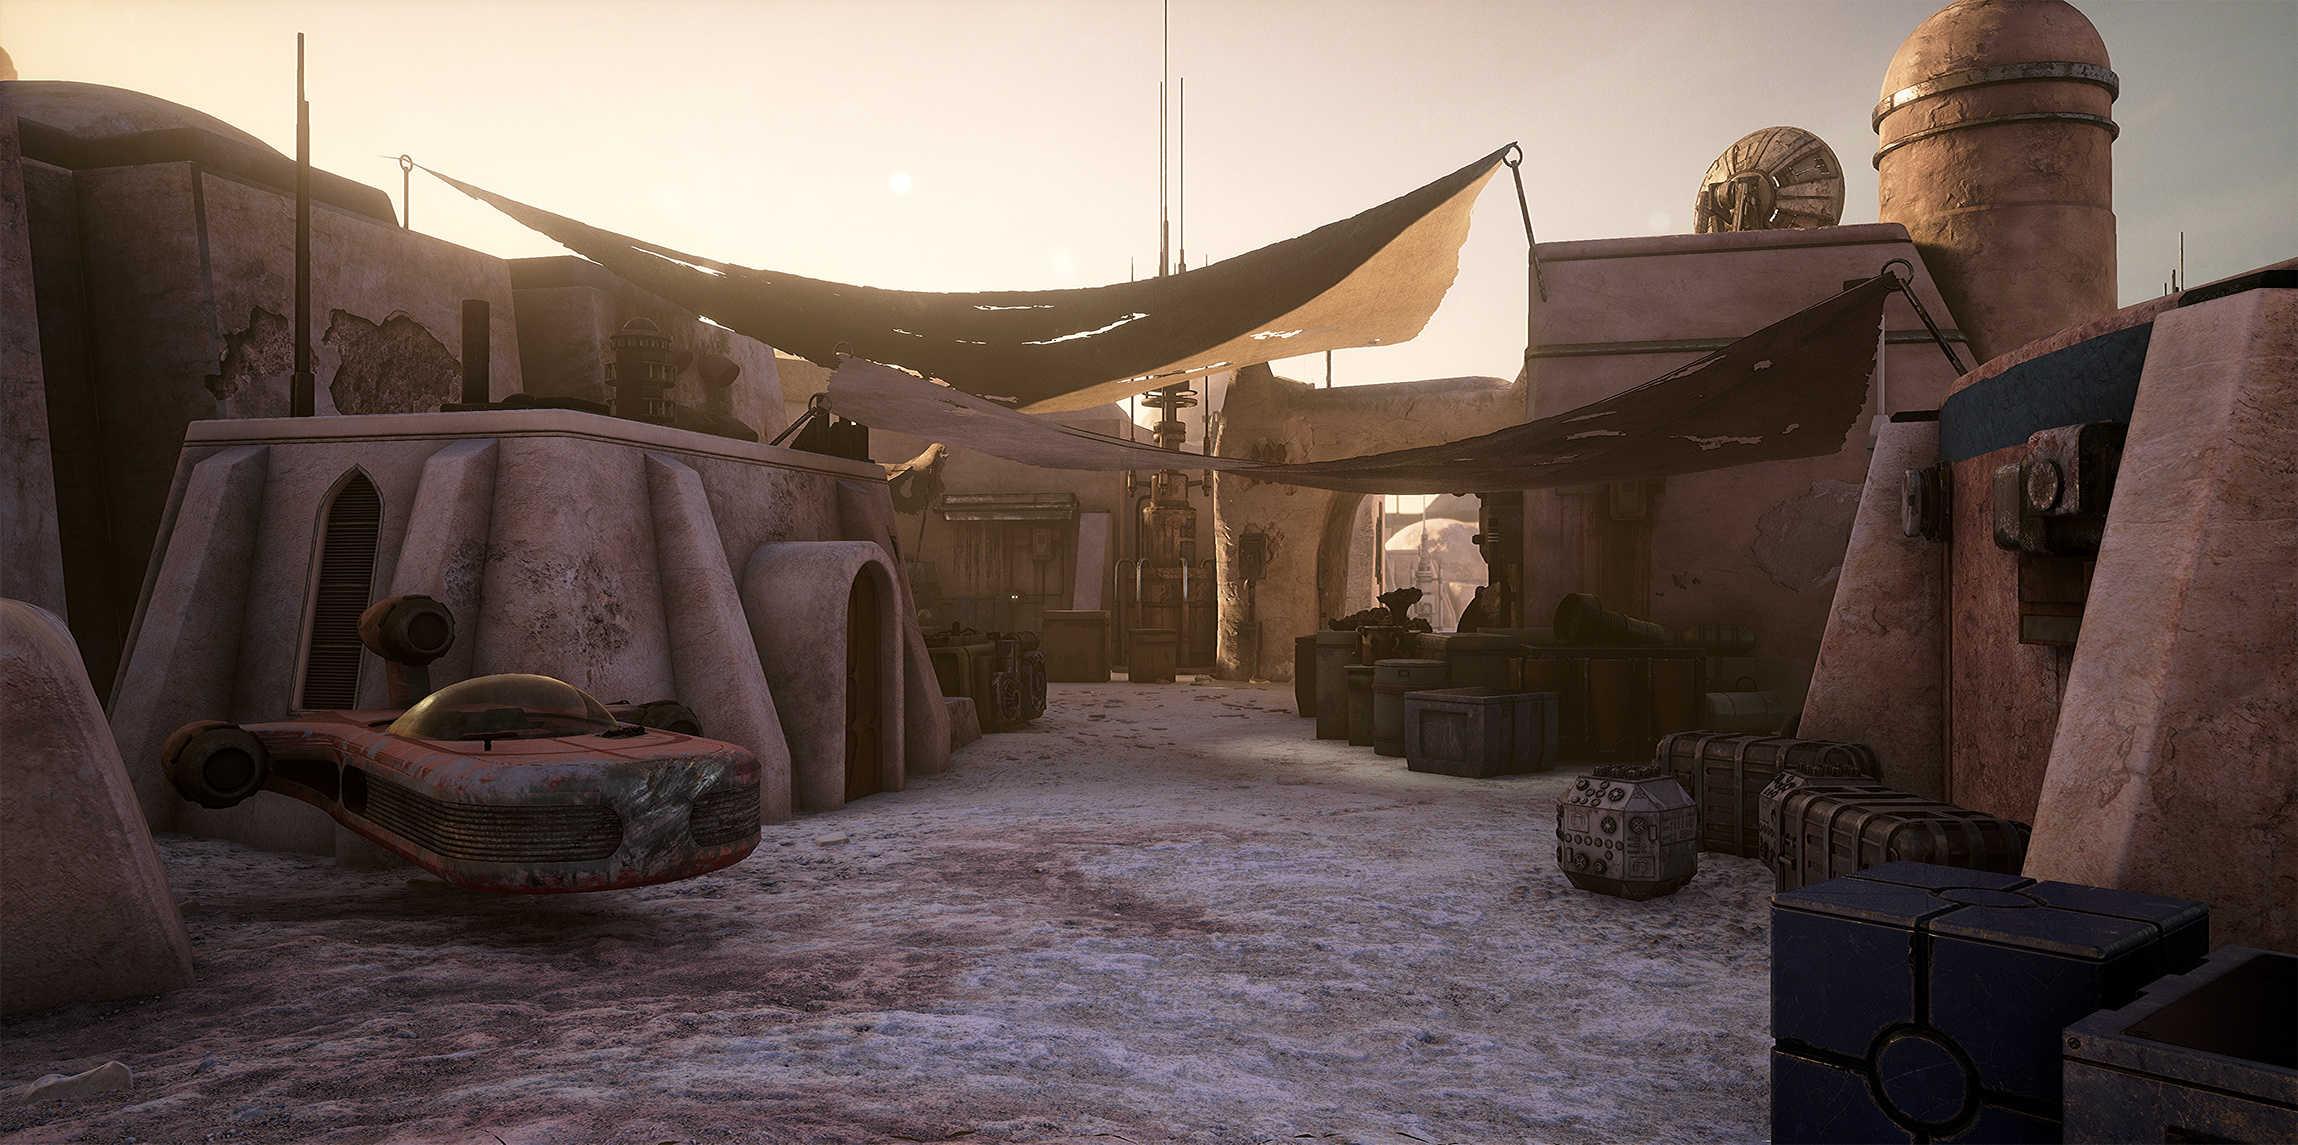 Vývojáři z Obsidianu vytvořili překrásnou Star Wars scenérii v enginu Unreal 4 130530